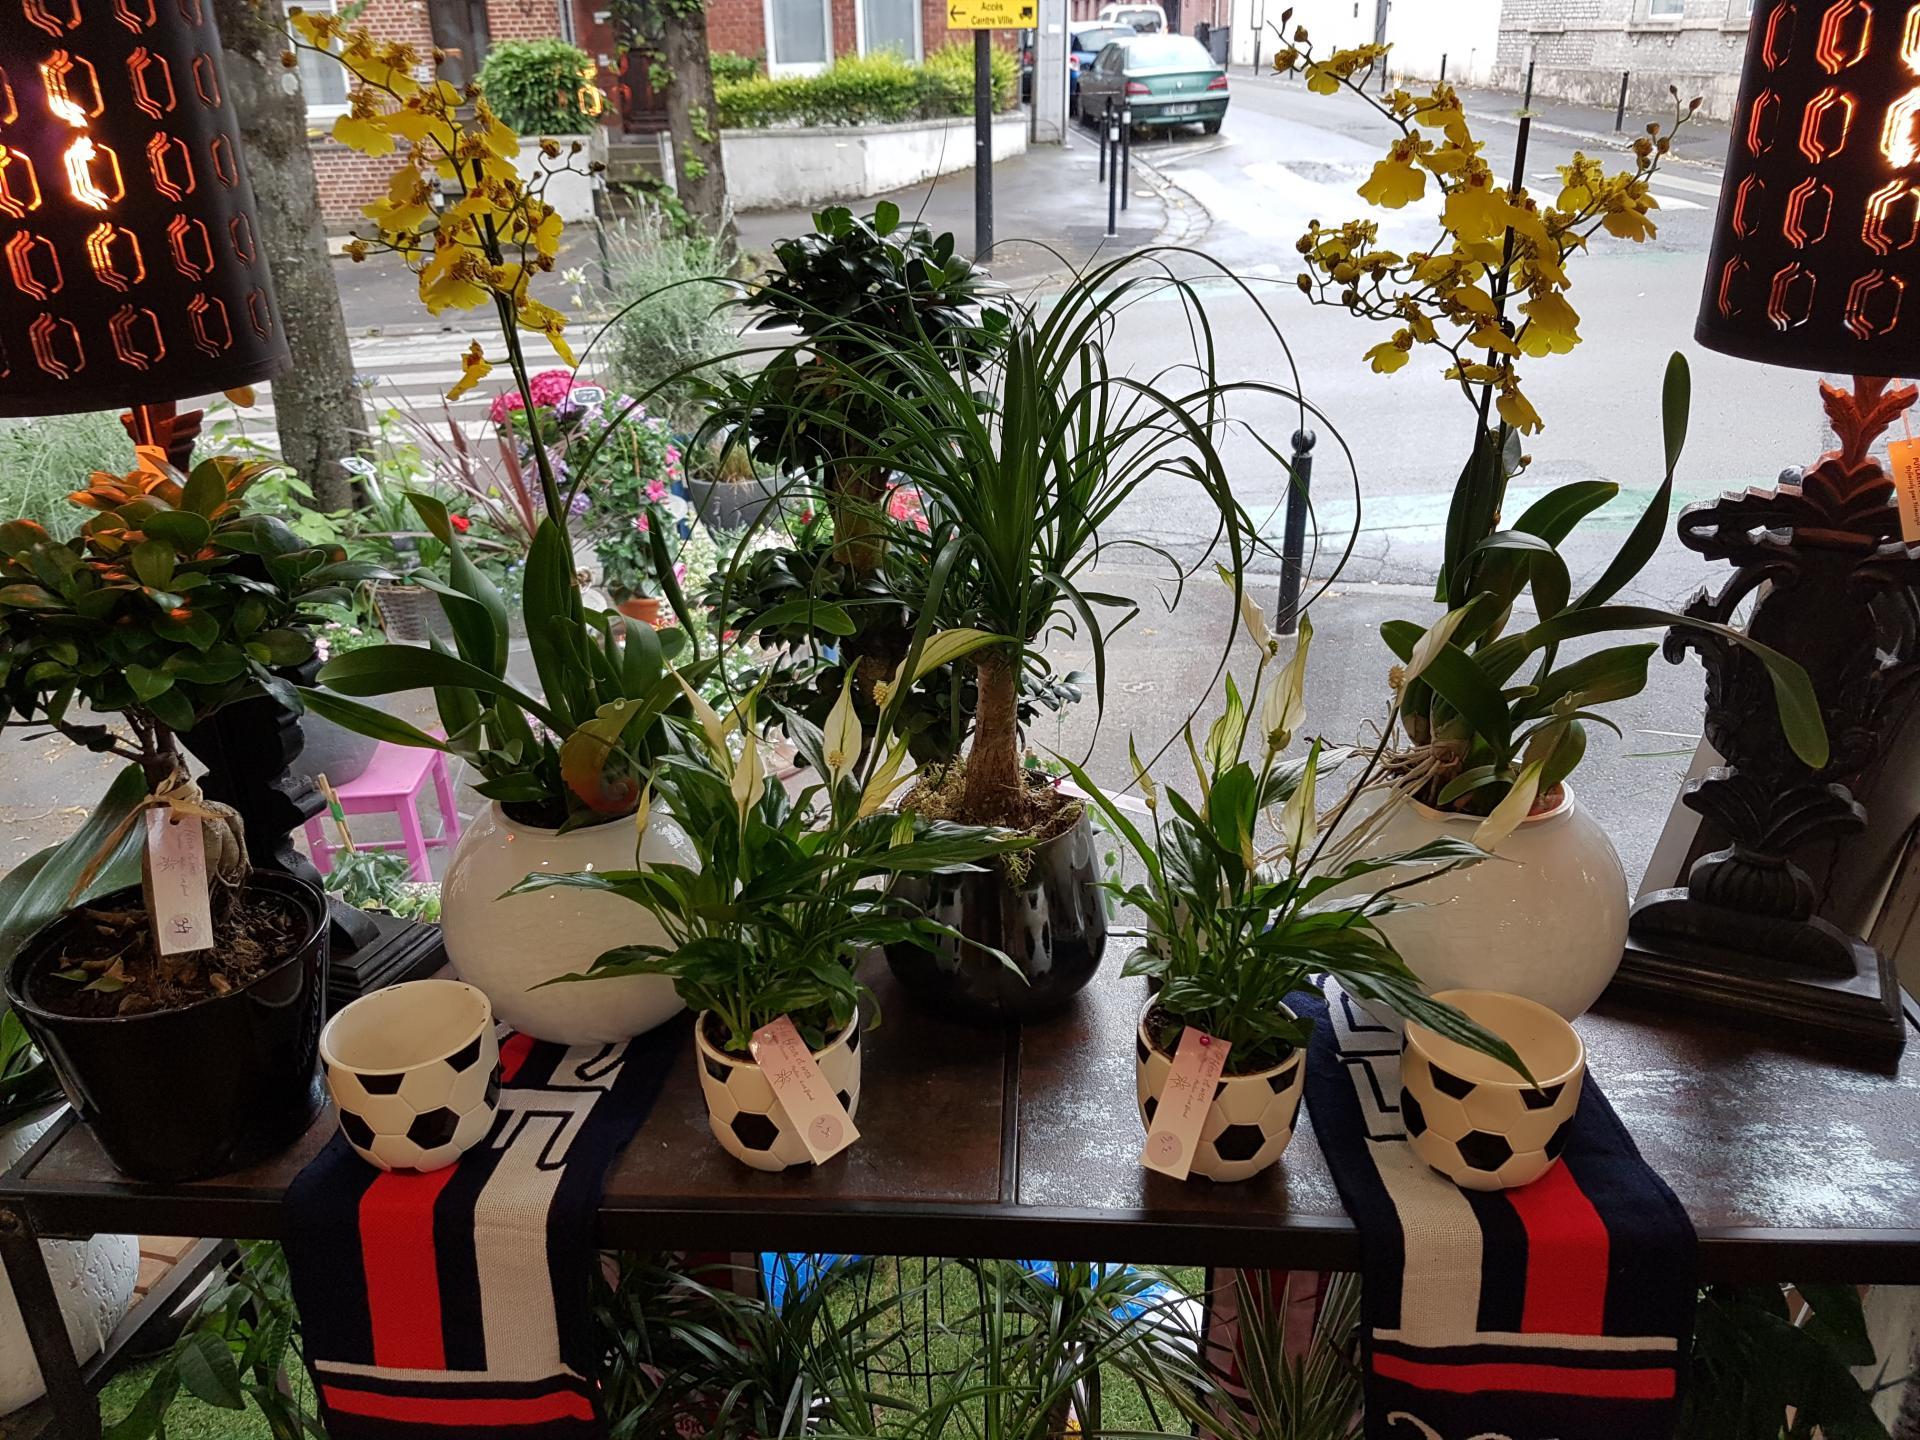 Coupe du monde foot fleuriste de Valenciennes idée cadeau